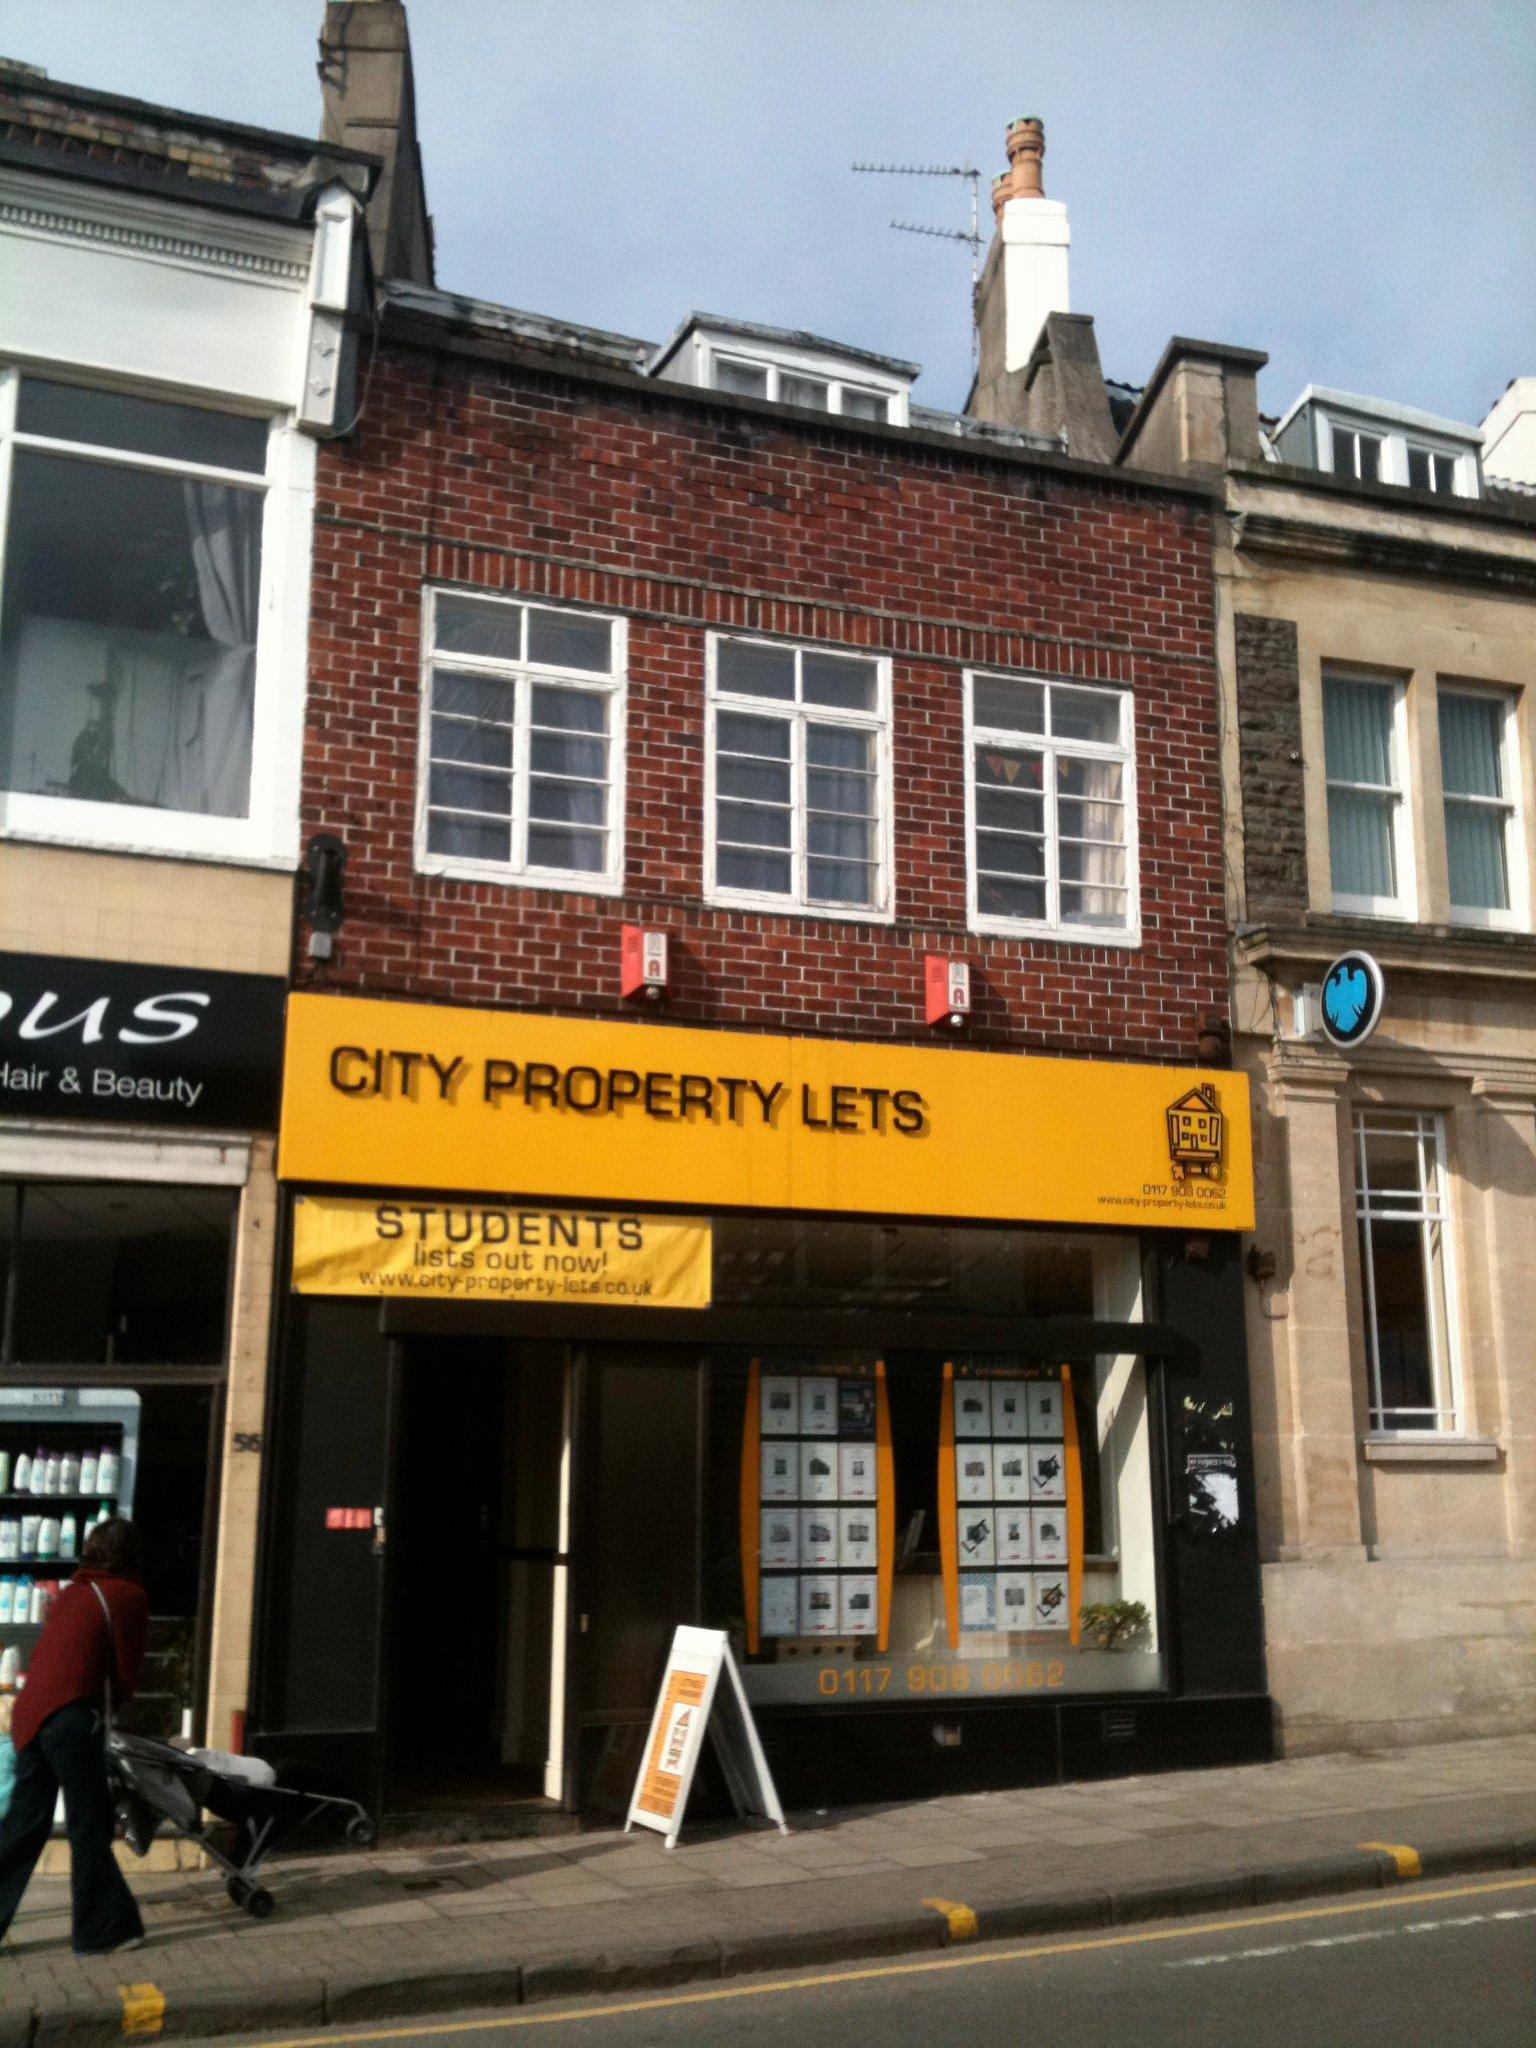 City Property Lets